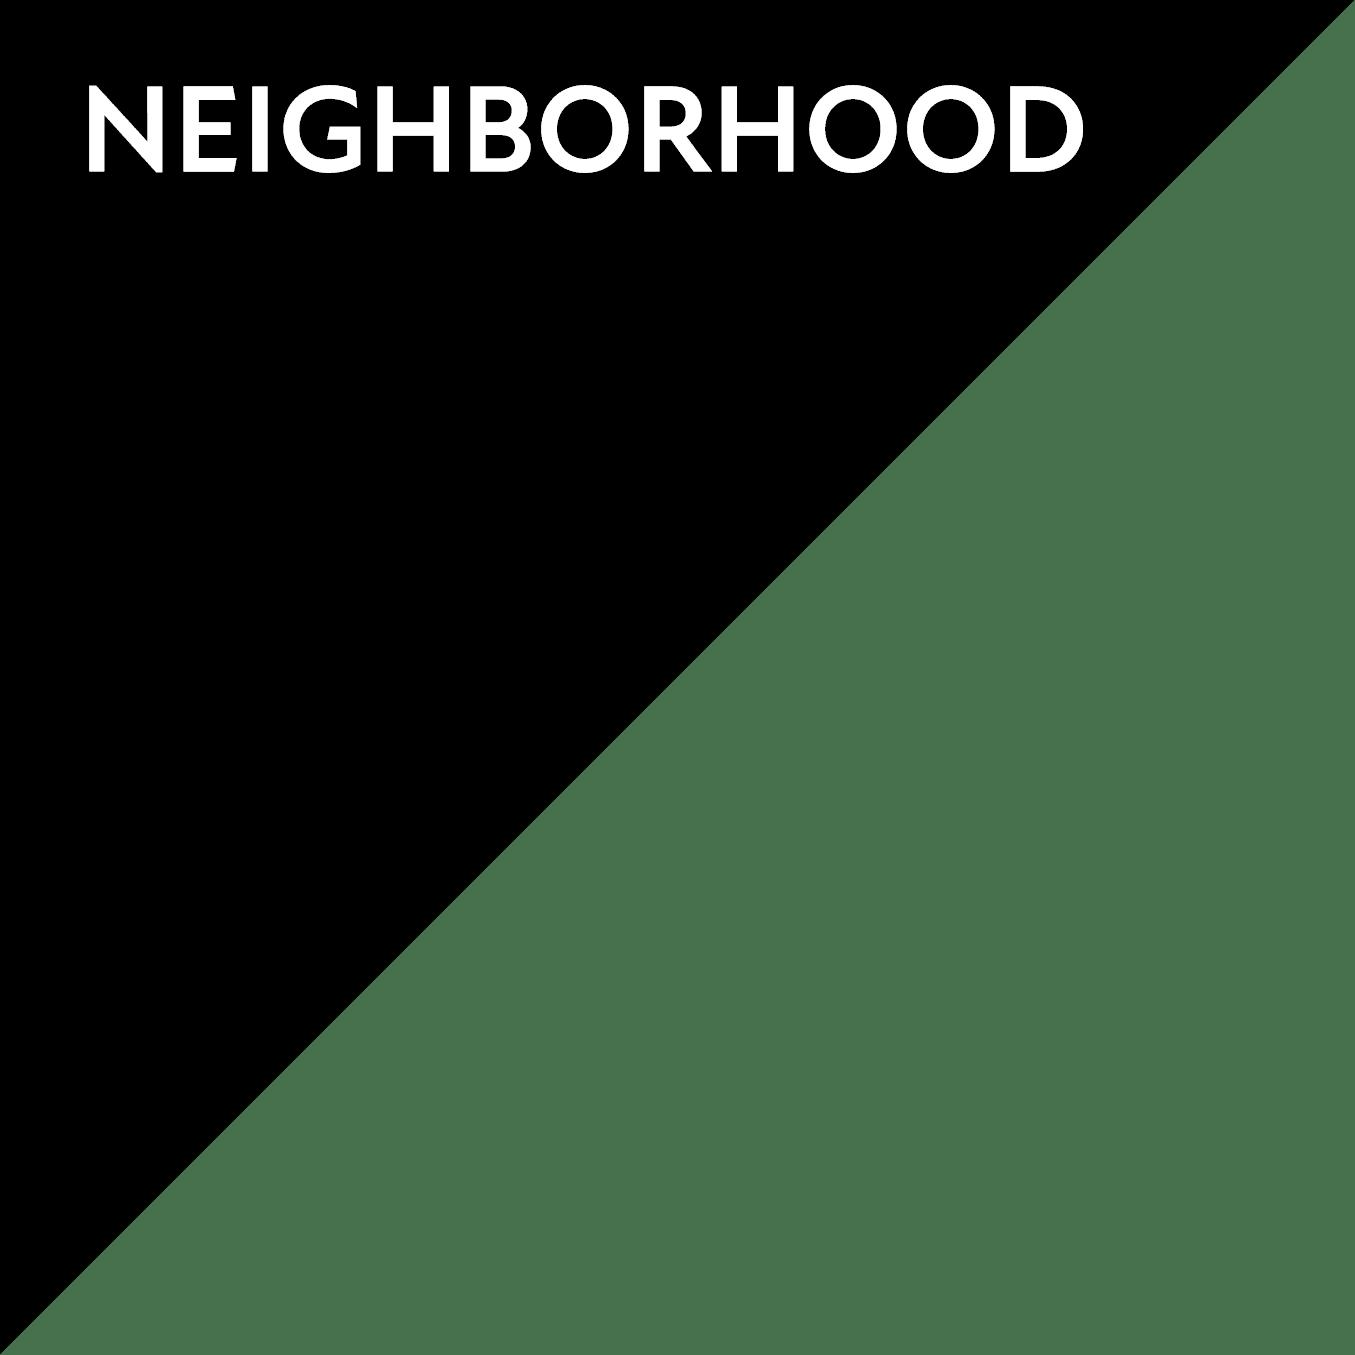 Learn about The Maven @ 806's neighborhood